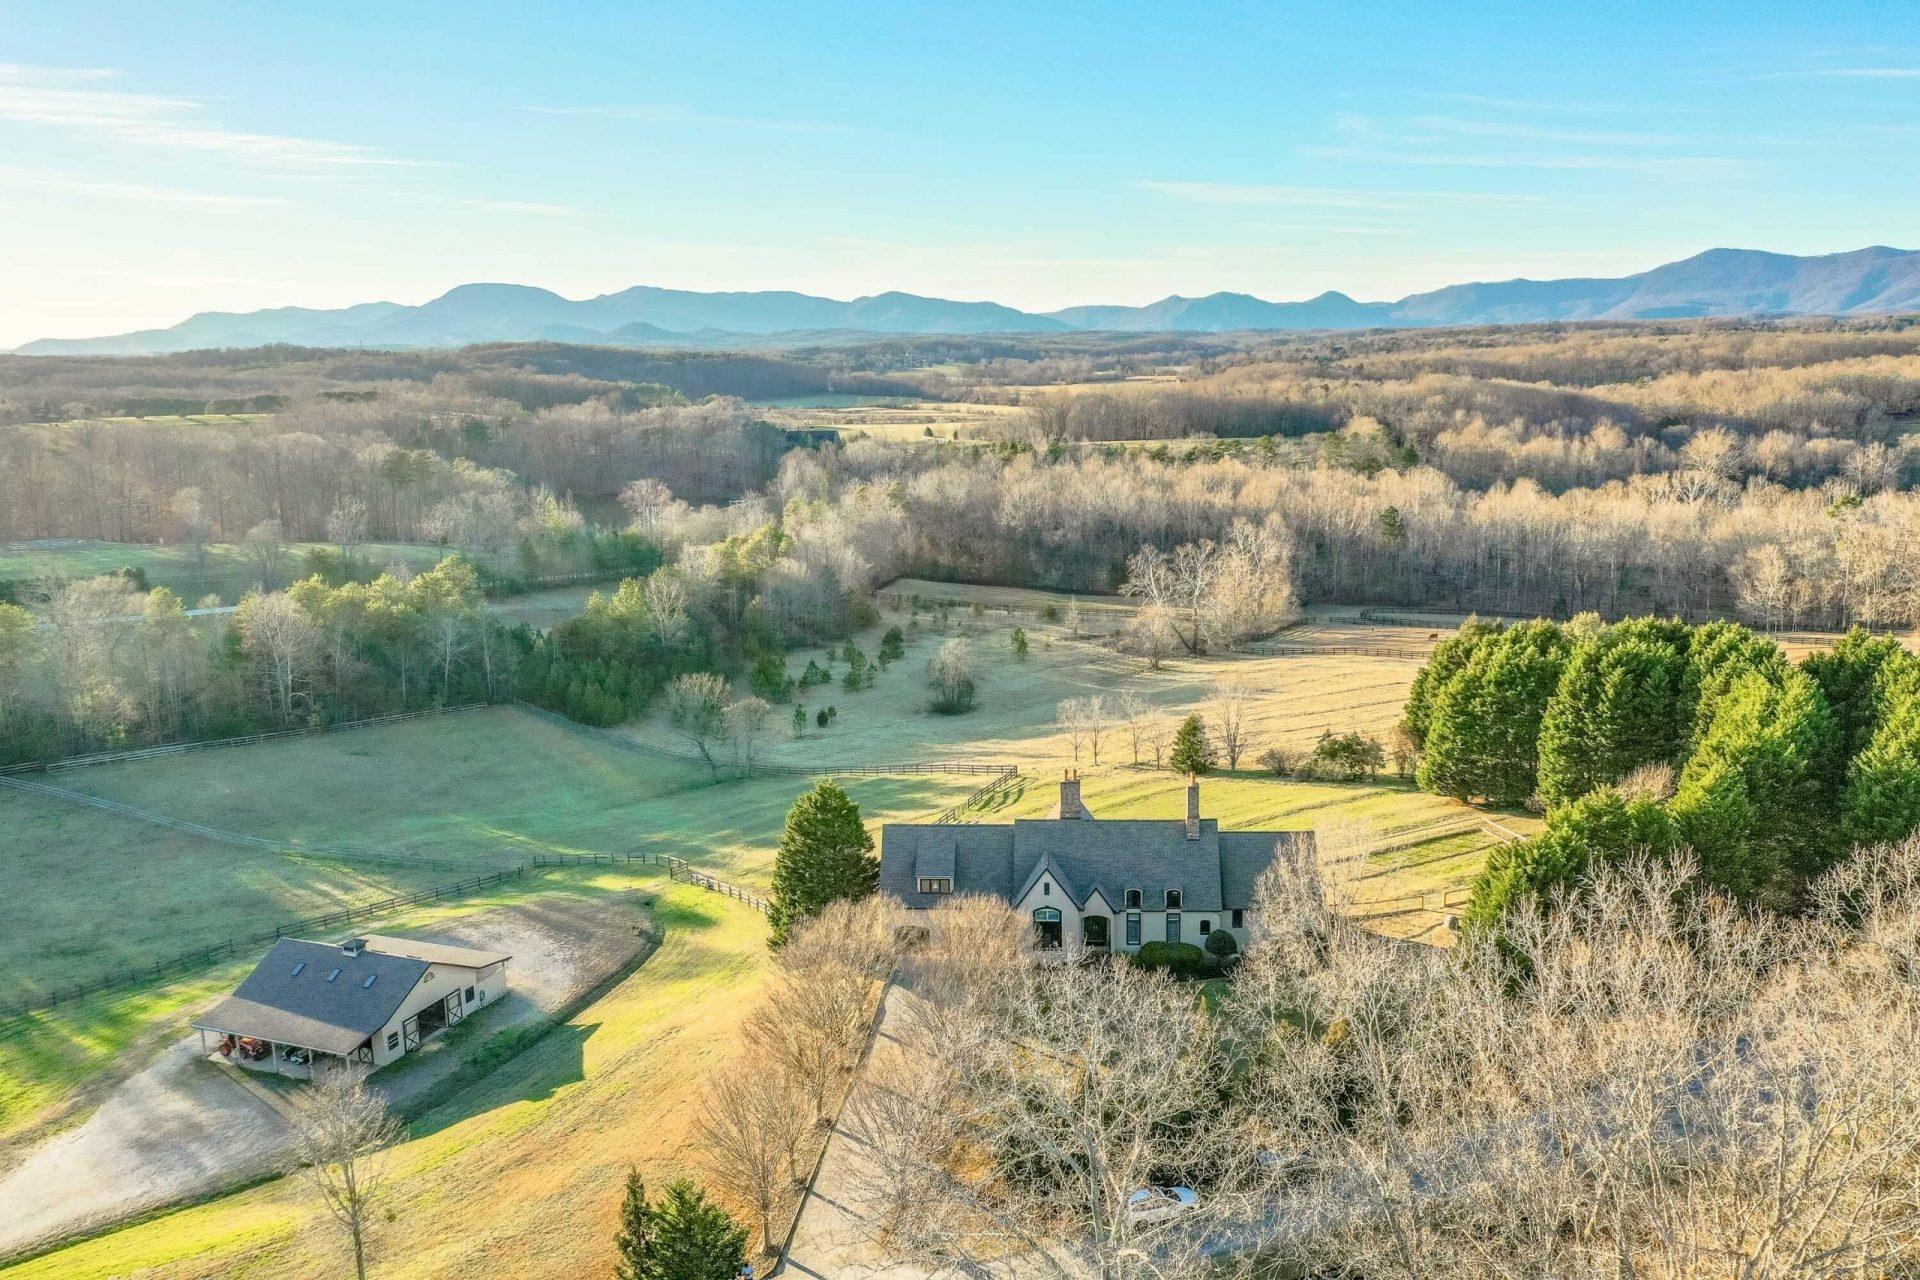 Sunset Mountain Farm: